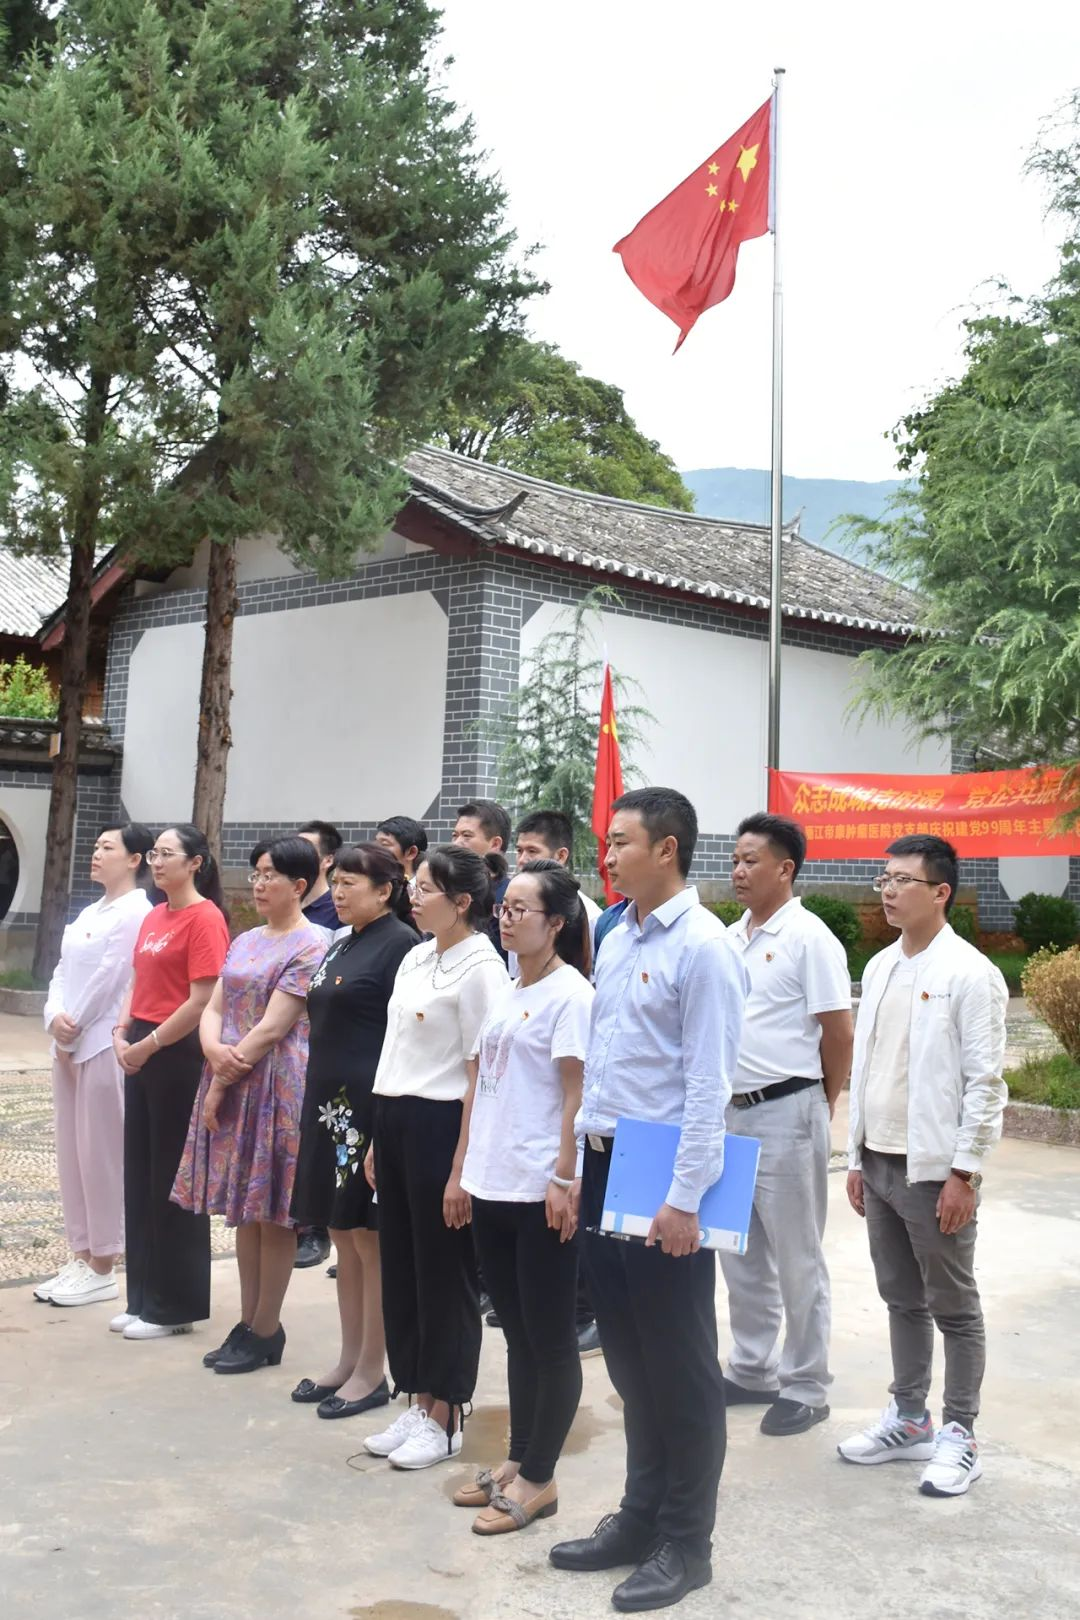 丽江肿瘤医院开展庆祝建党99周年主题党日活动